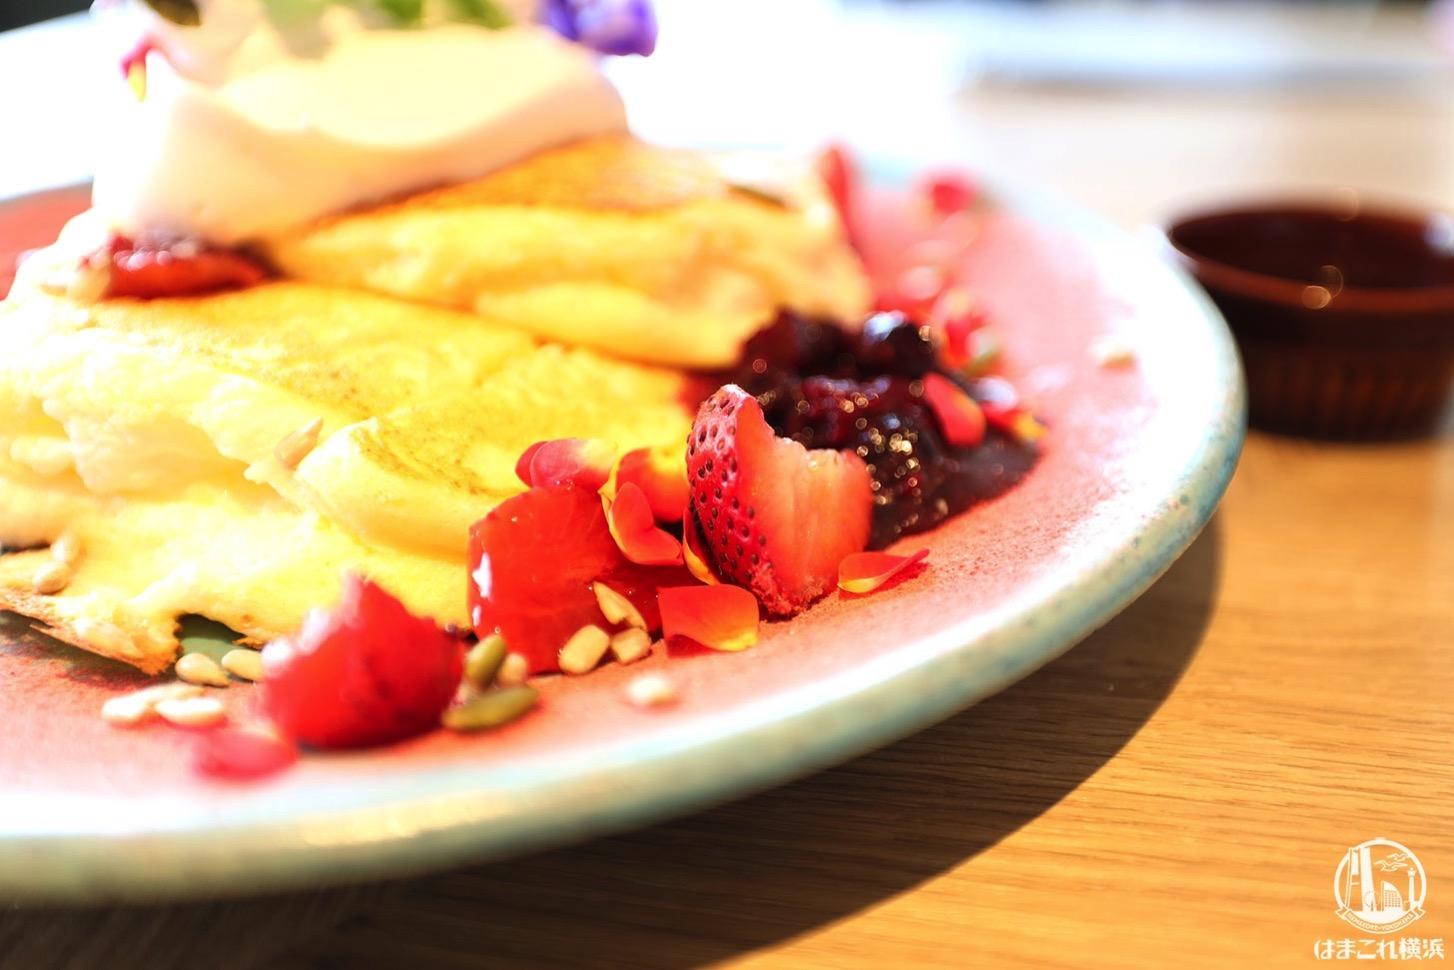 パンケーキ「Fresh-Red」を彩るトッピング